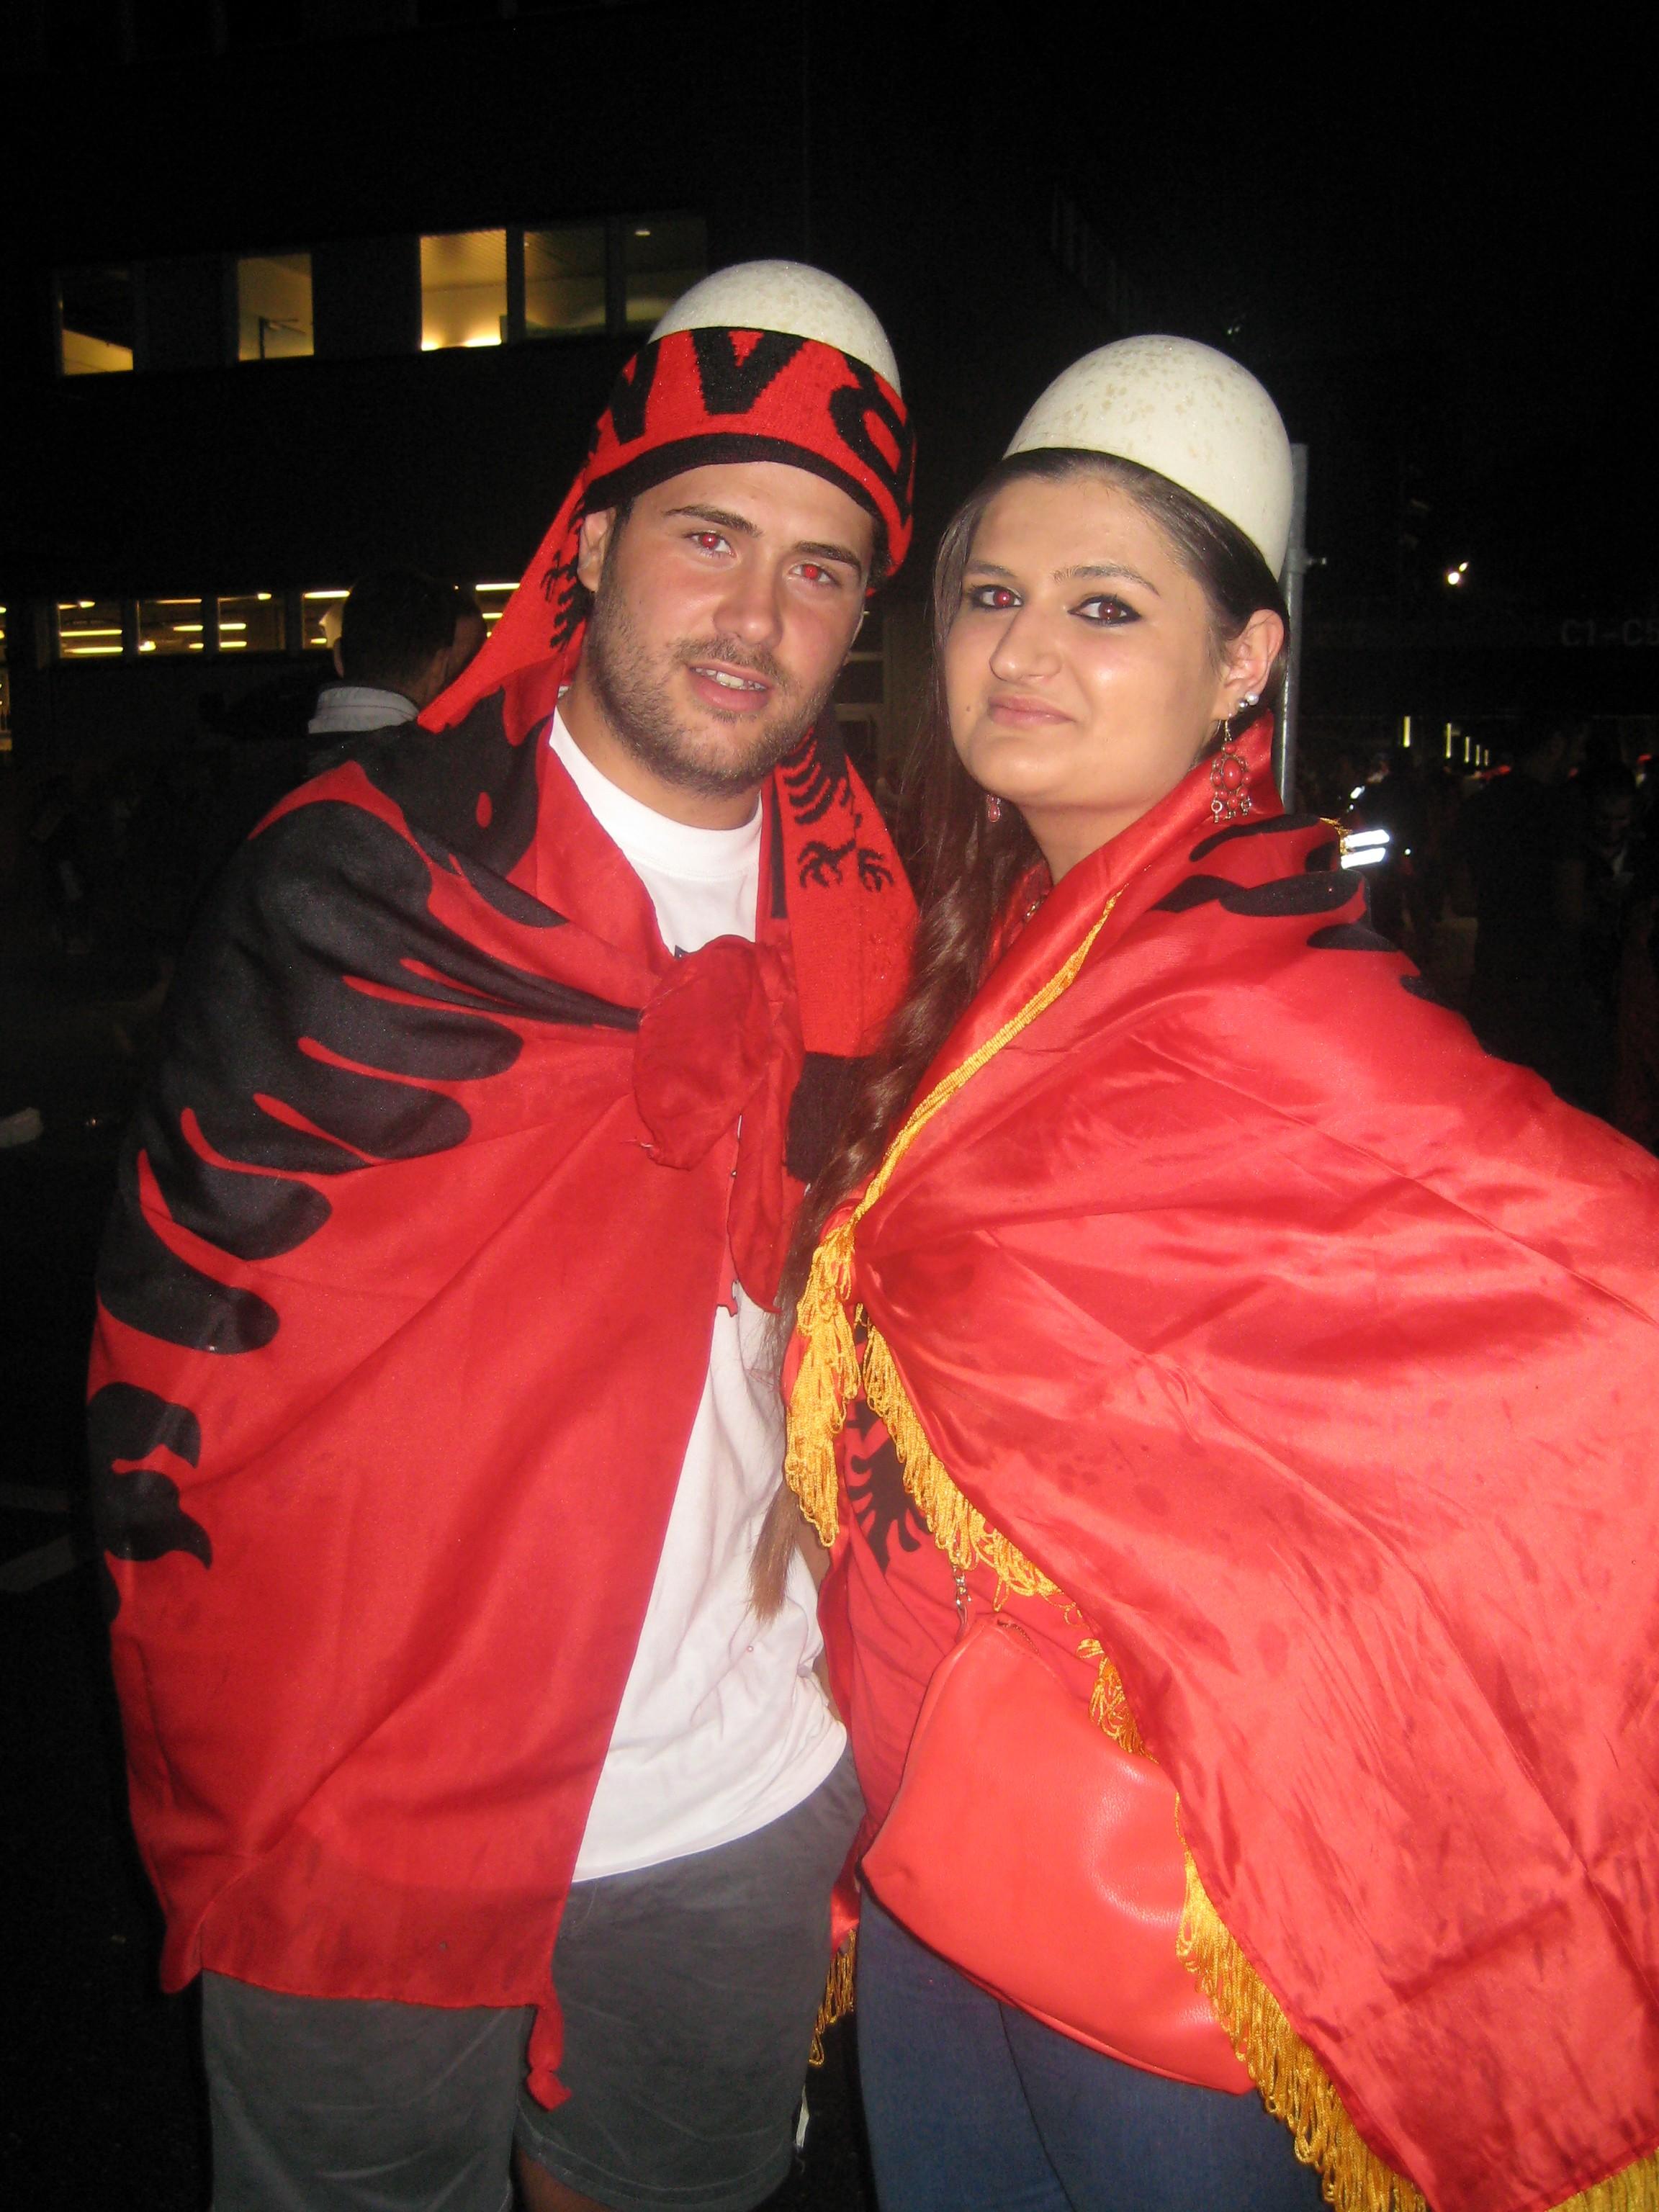 albanische fussballfans am spiel schweiz albanien albanische ...